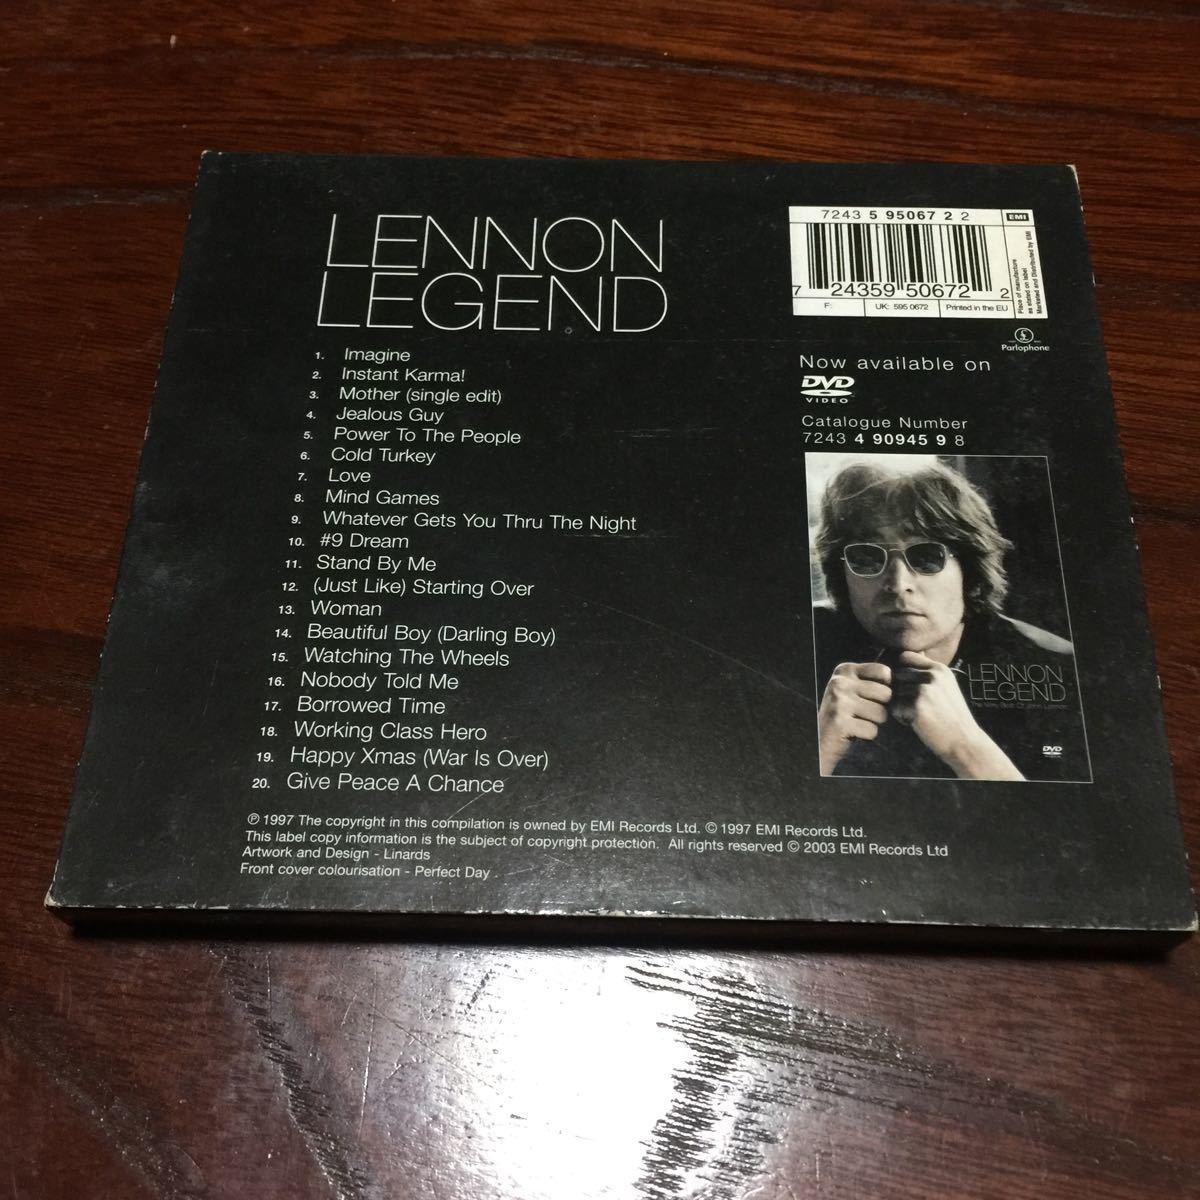 ジョン・レノン LENNON LEGEND オランダ盤CD【外箱付き】